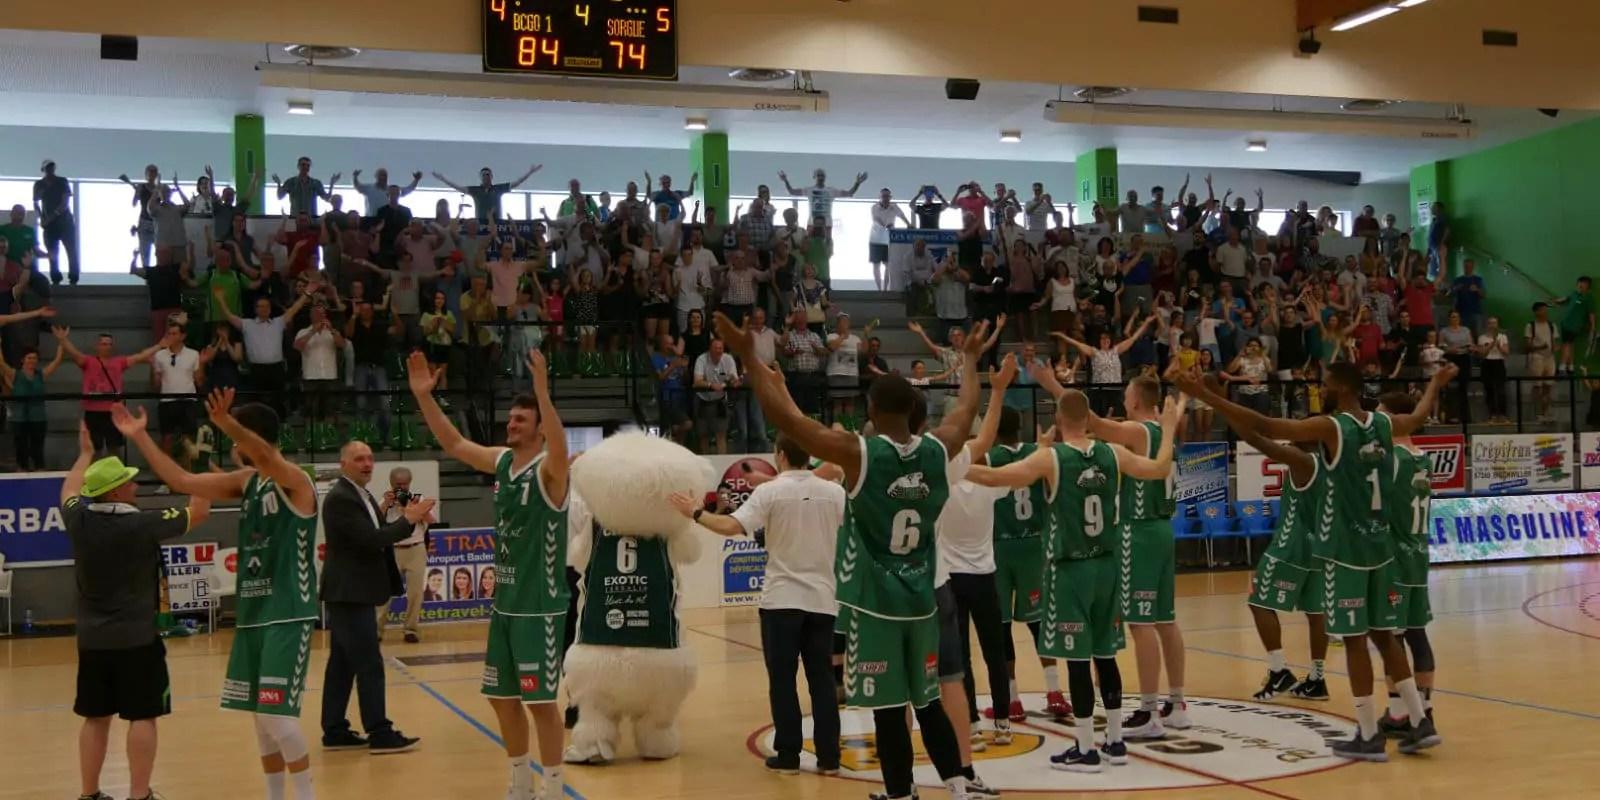 L'entrée en fanfare de Gries, 2800 habitants, dans la cour des professionnels du basket